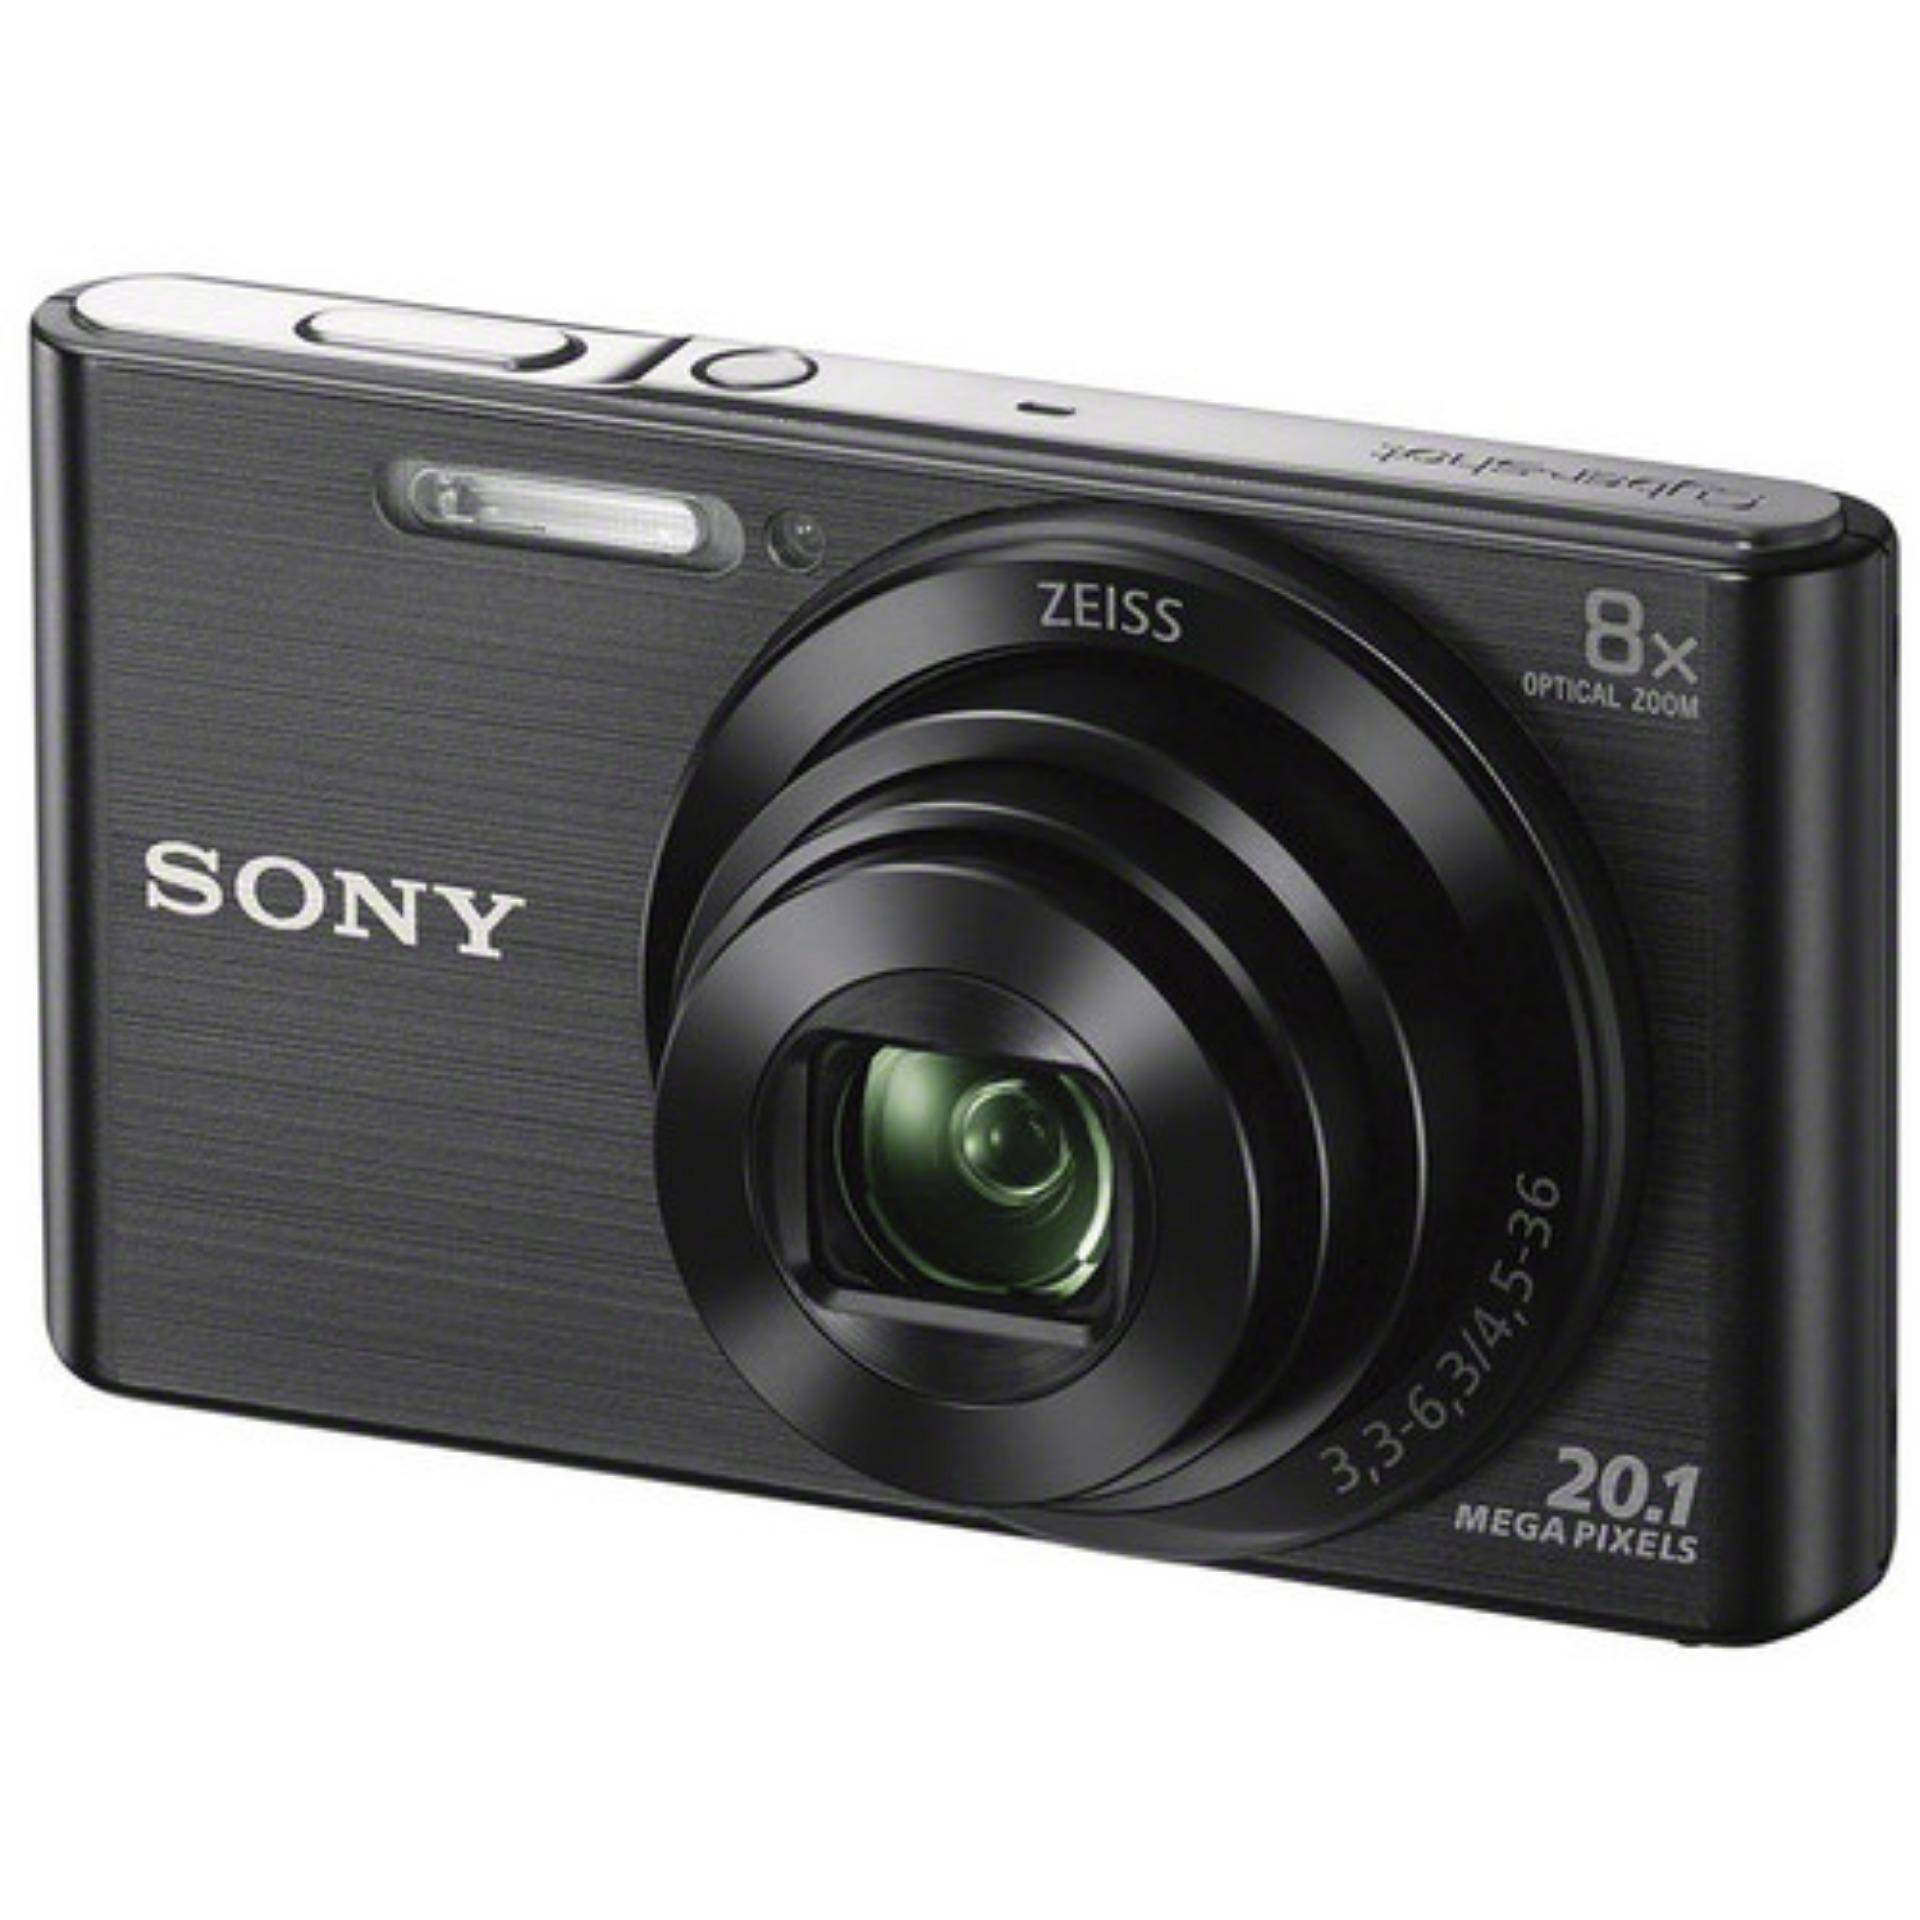 Máy ảnh KTS Sony Cyber-Shot DSC-W830 20.1MP và Zoom quang 8x (Đen) Đang Bán Tại Digiworld HN